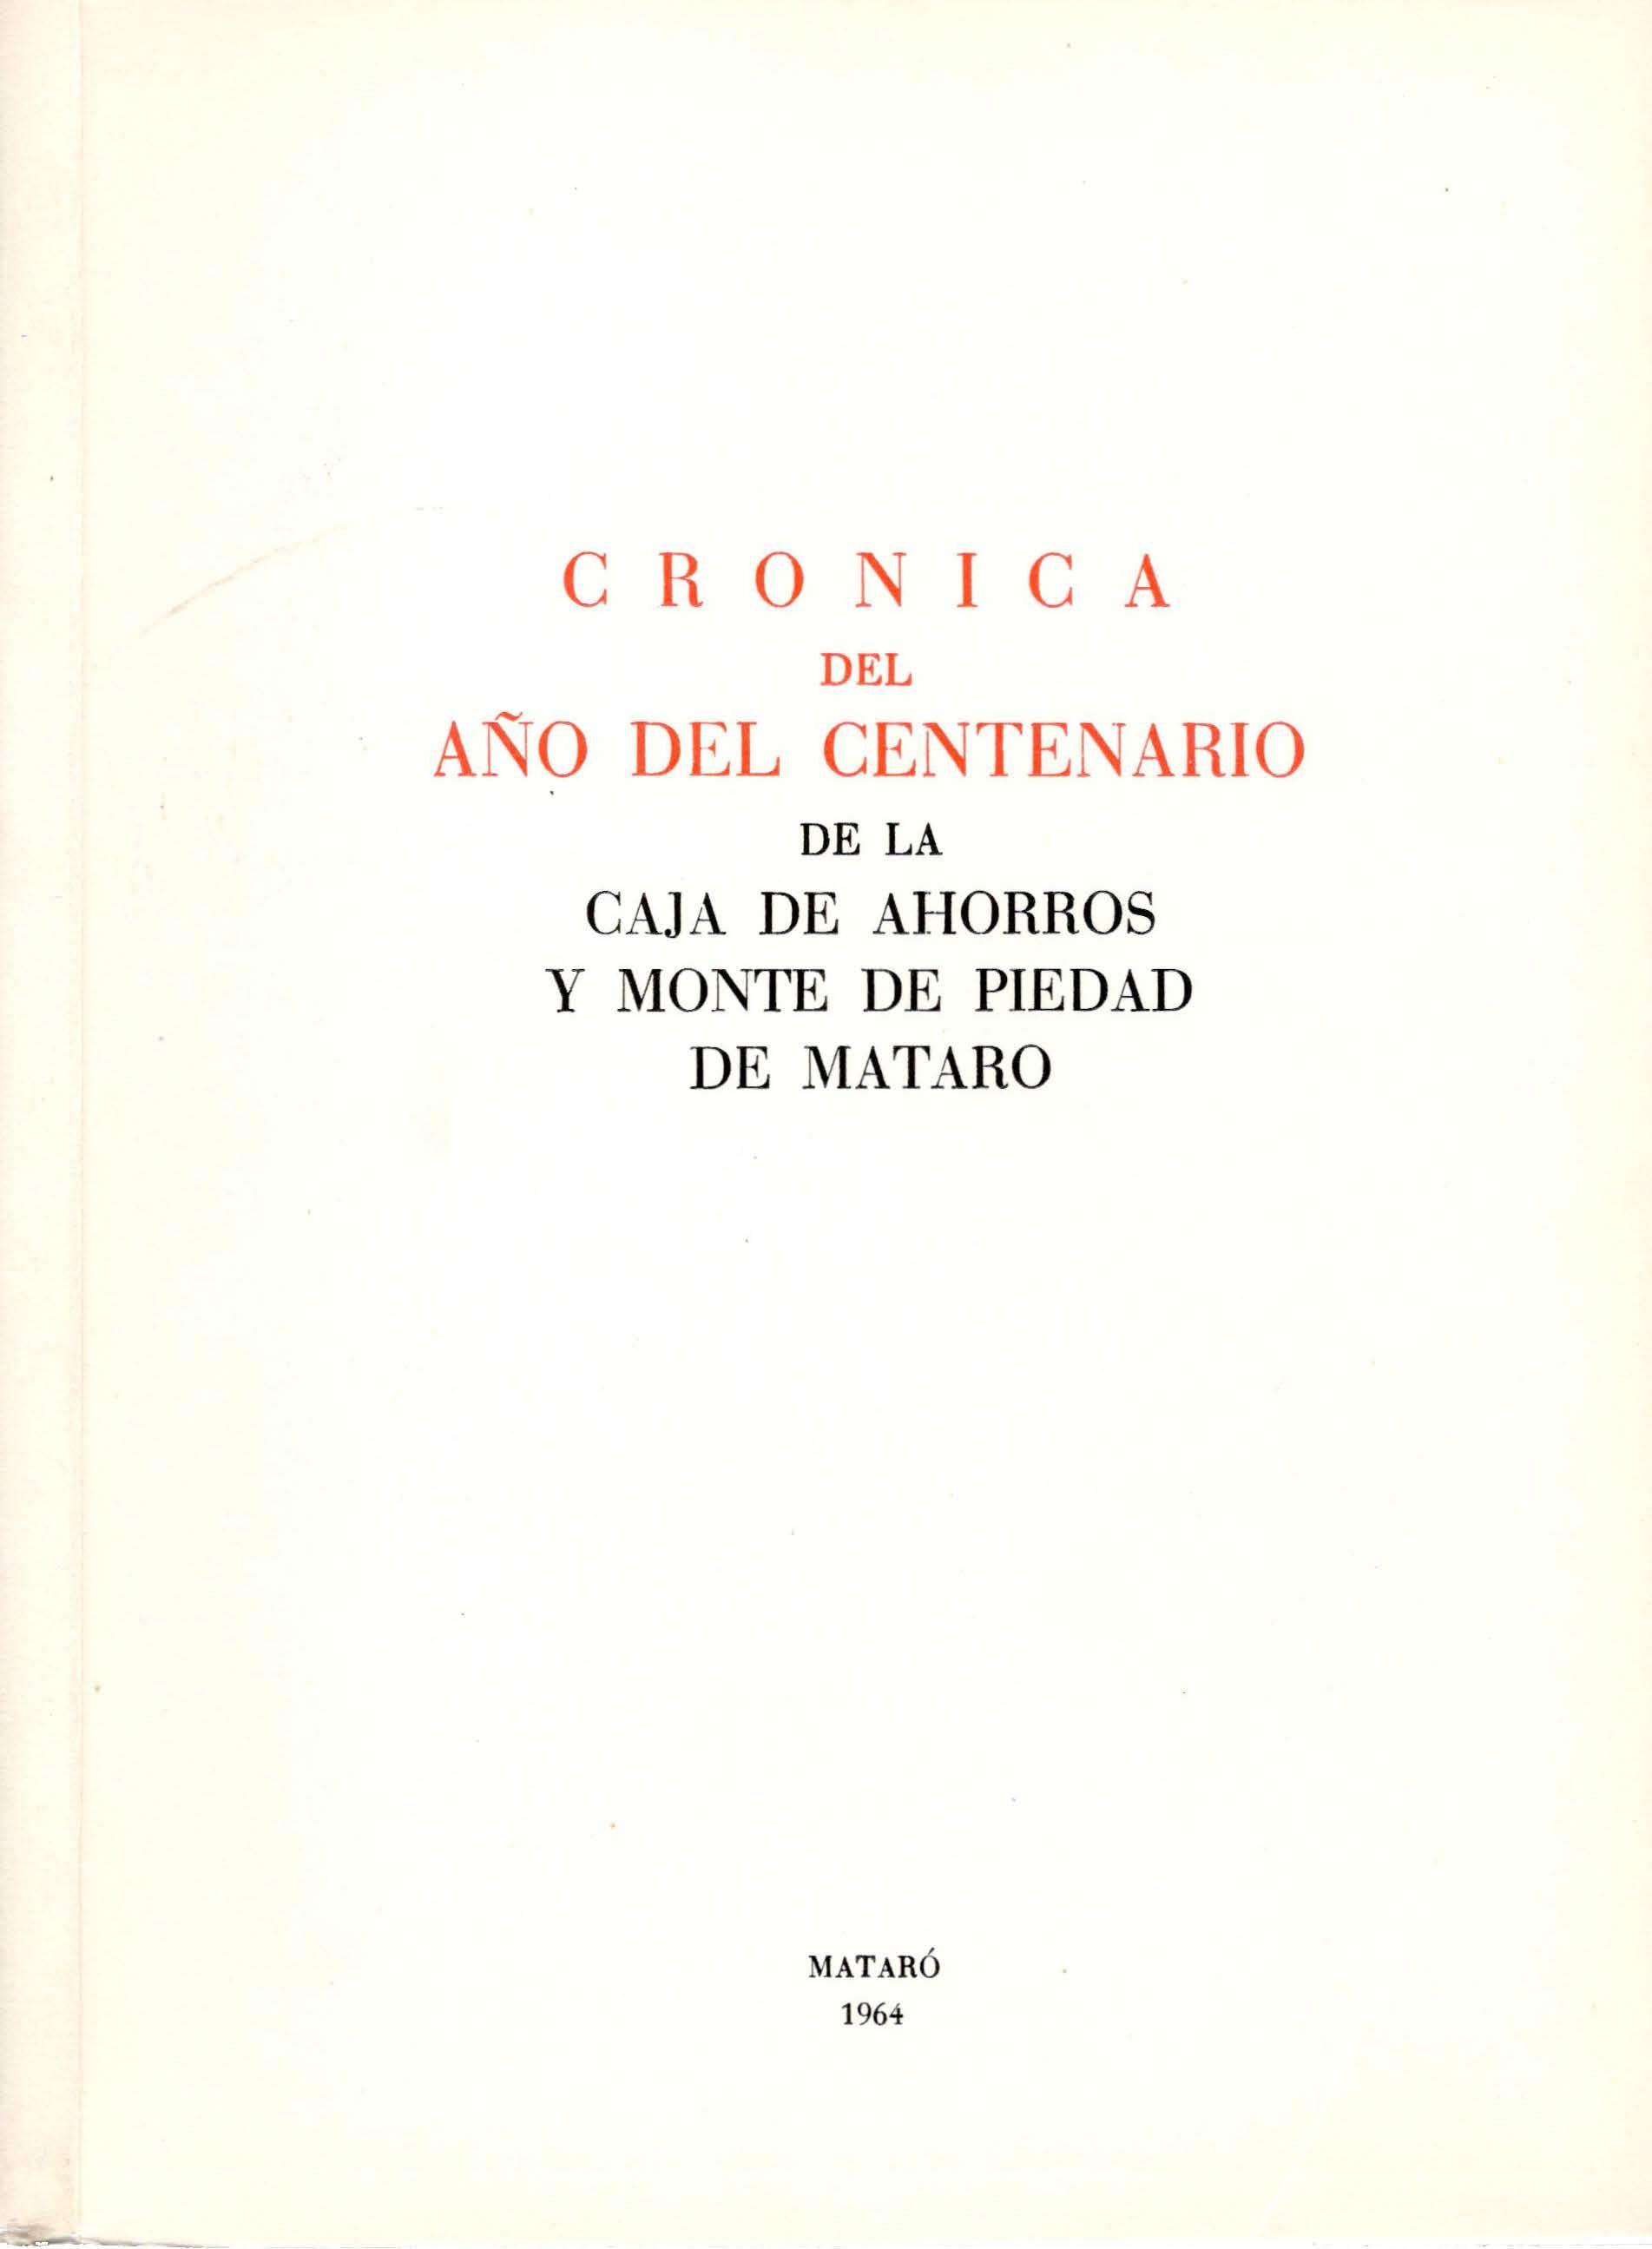 [6]. Crónica Del Año Del Centenario De La Caja De Ahorros Y Monte De Piedad De Mataró